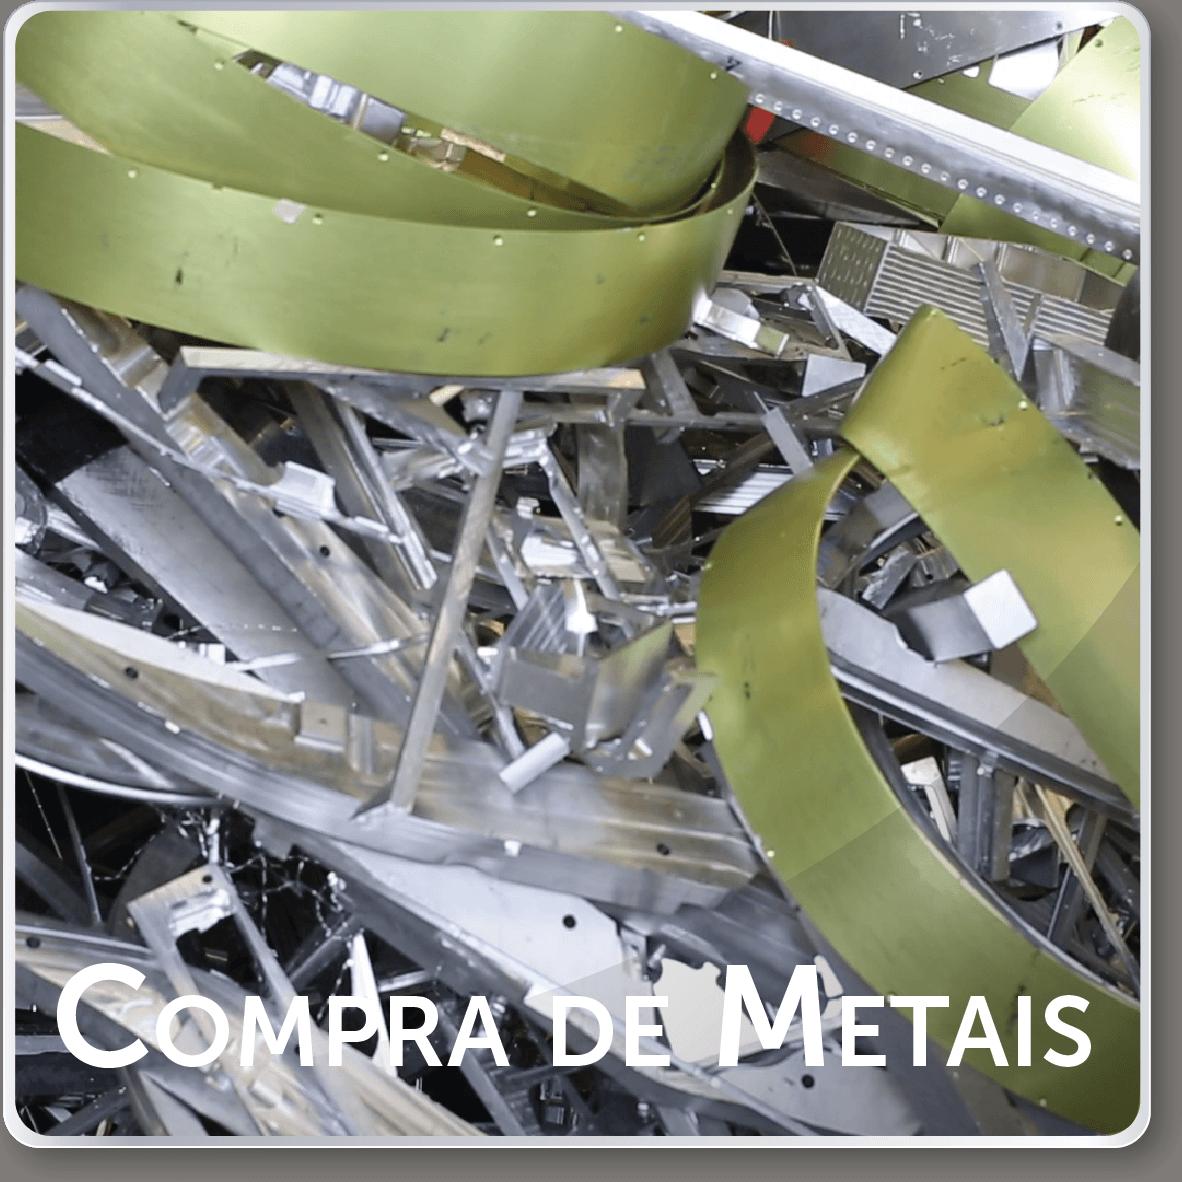 compra de metais